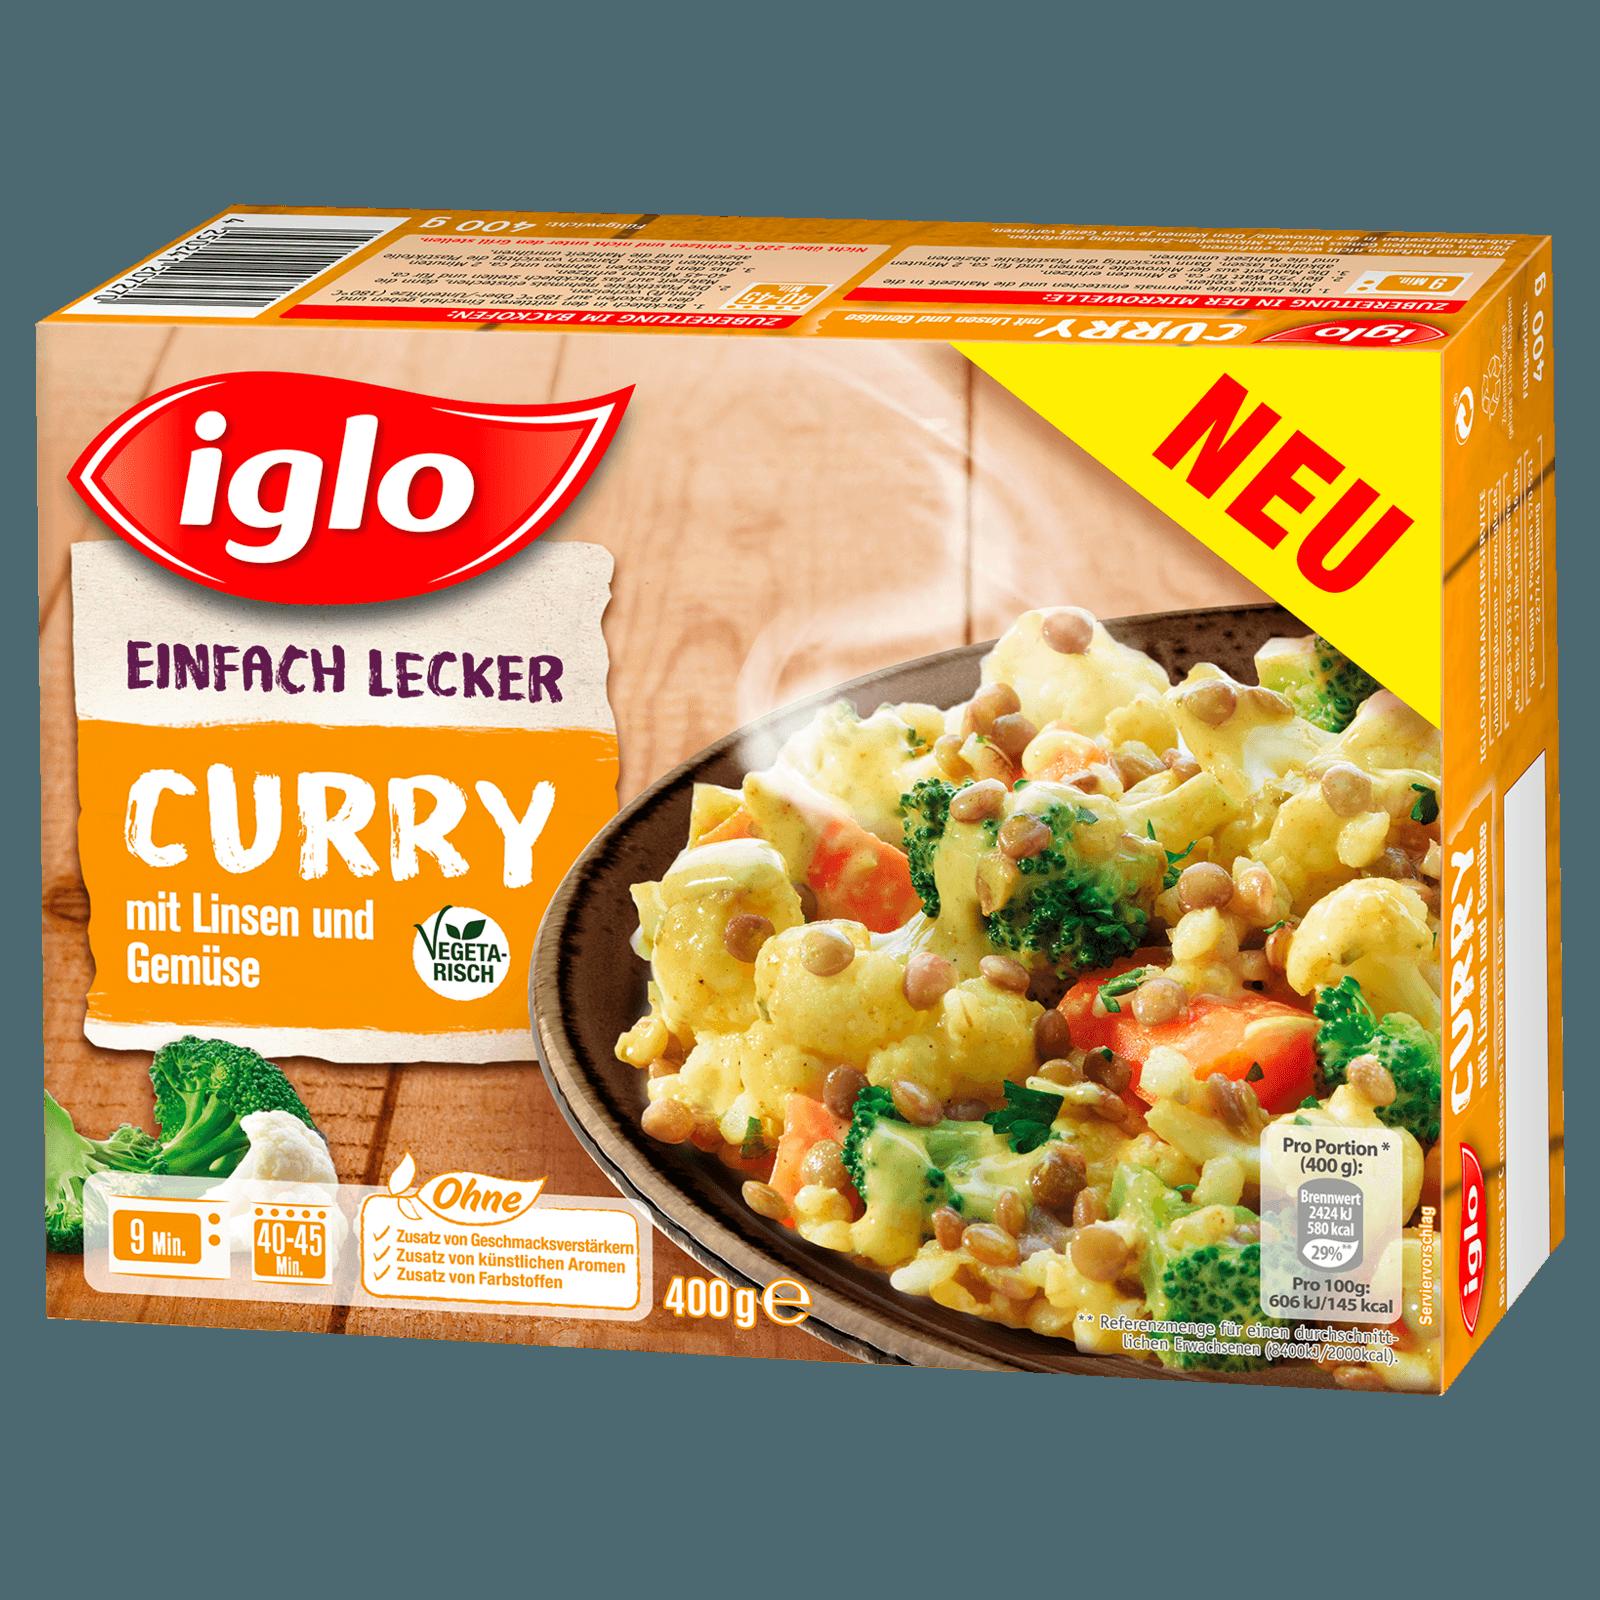 Iglo Curry Linsen Gemüse 400g bei REWE online bestellen!